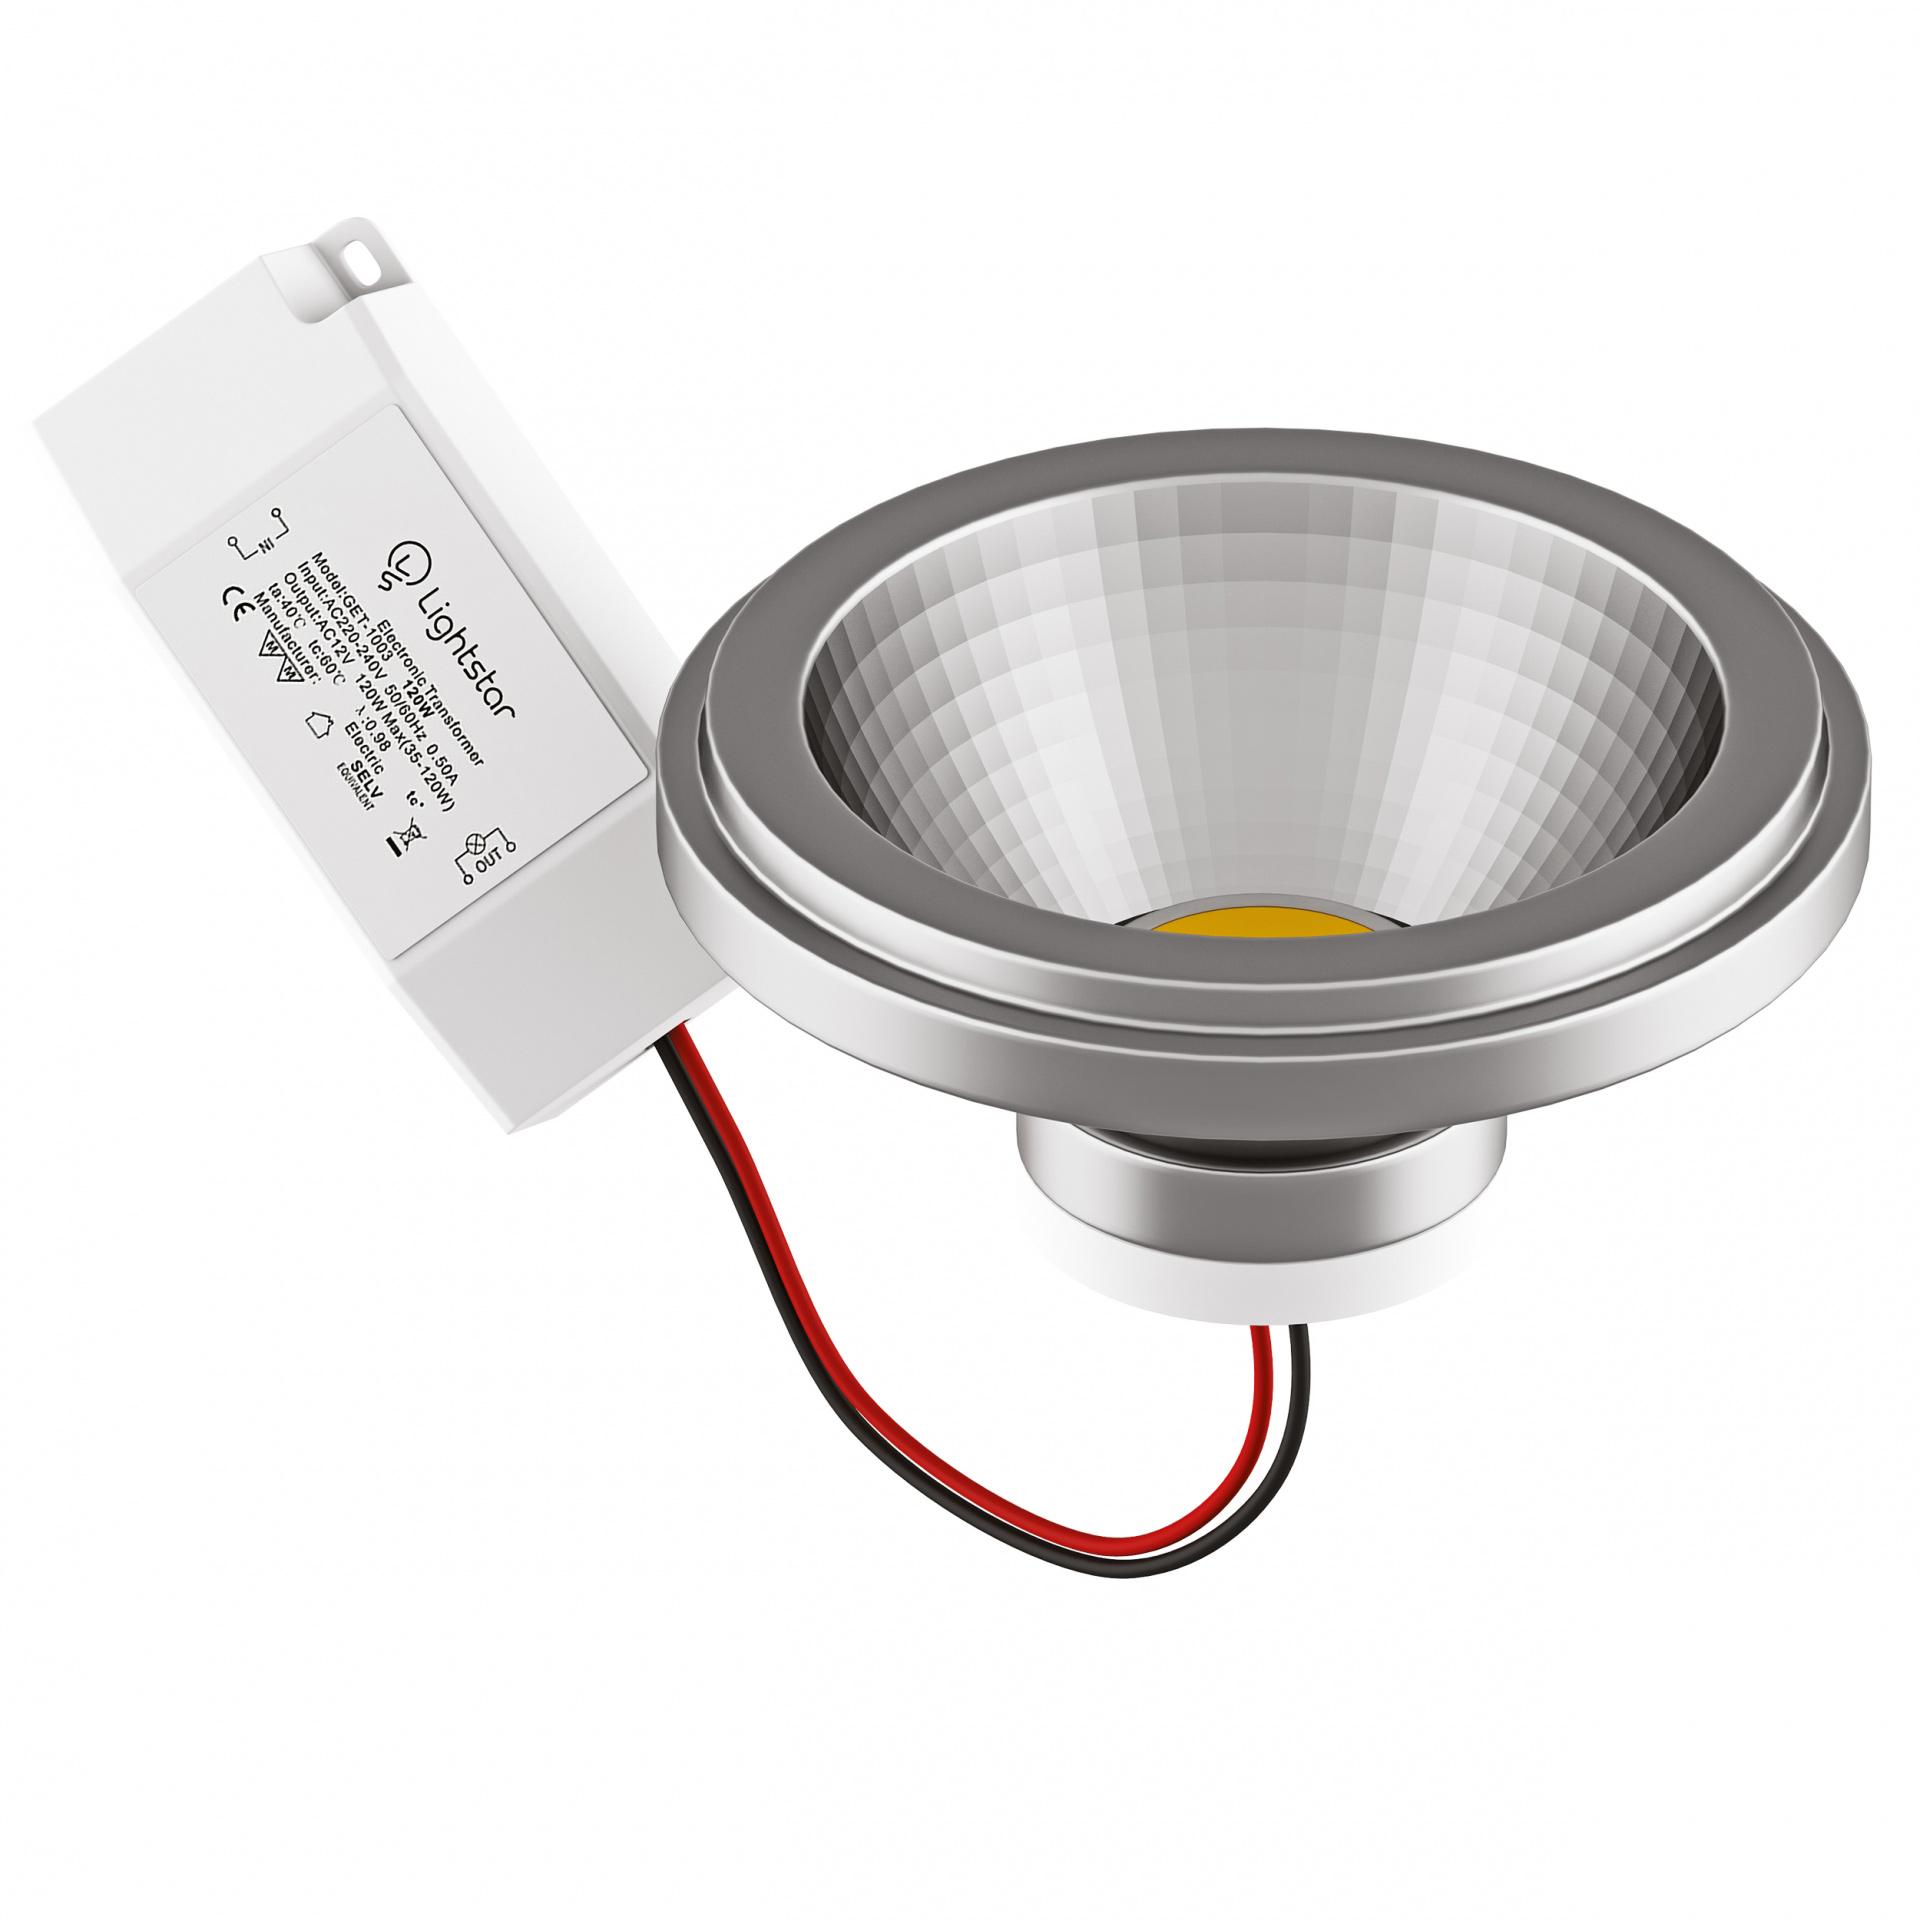 Светодиодная LED лампа AR111/DR111, 220V, 12W - 4000K. Lightstar 932104, купить в СПб, Москве, с доставкой, Санкт-Петербург, интернет-магазин люстр и светильников Starlight, фото в жизни